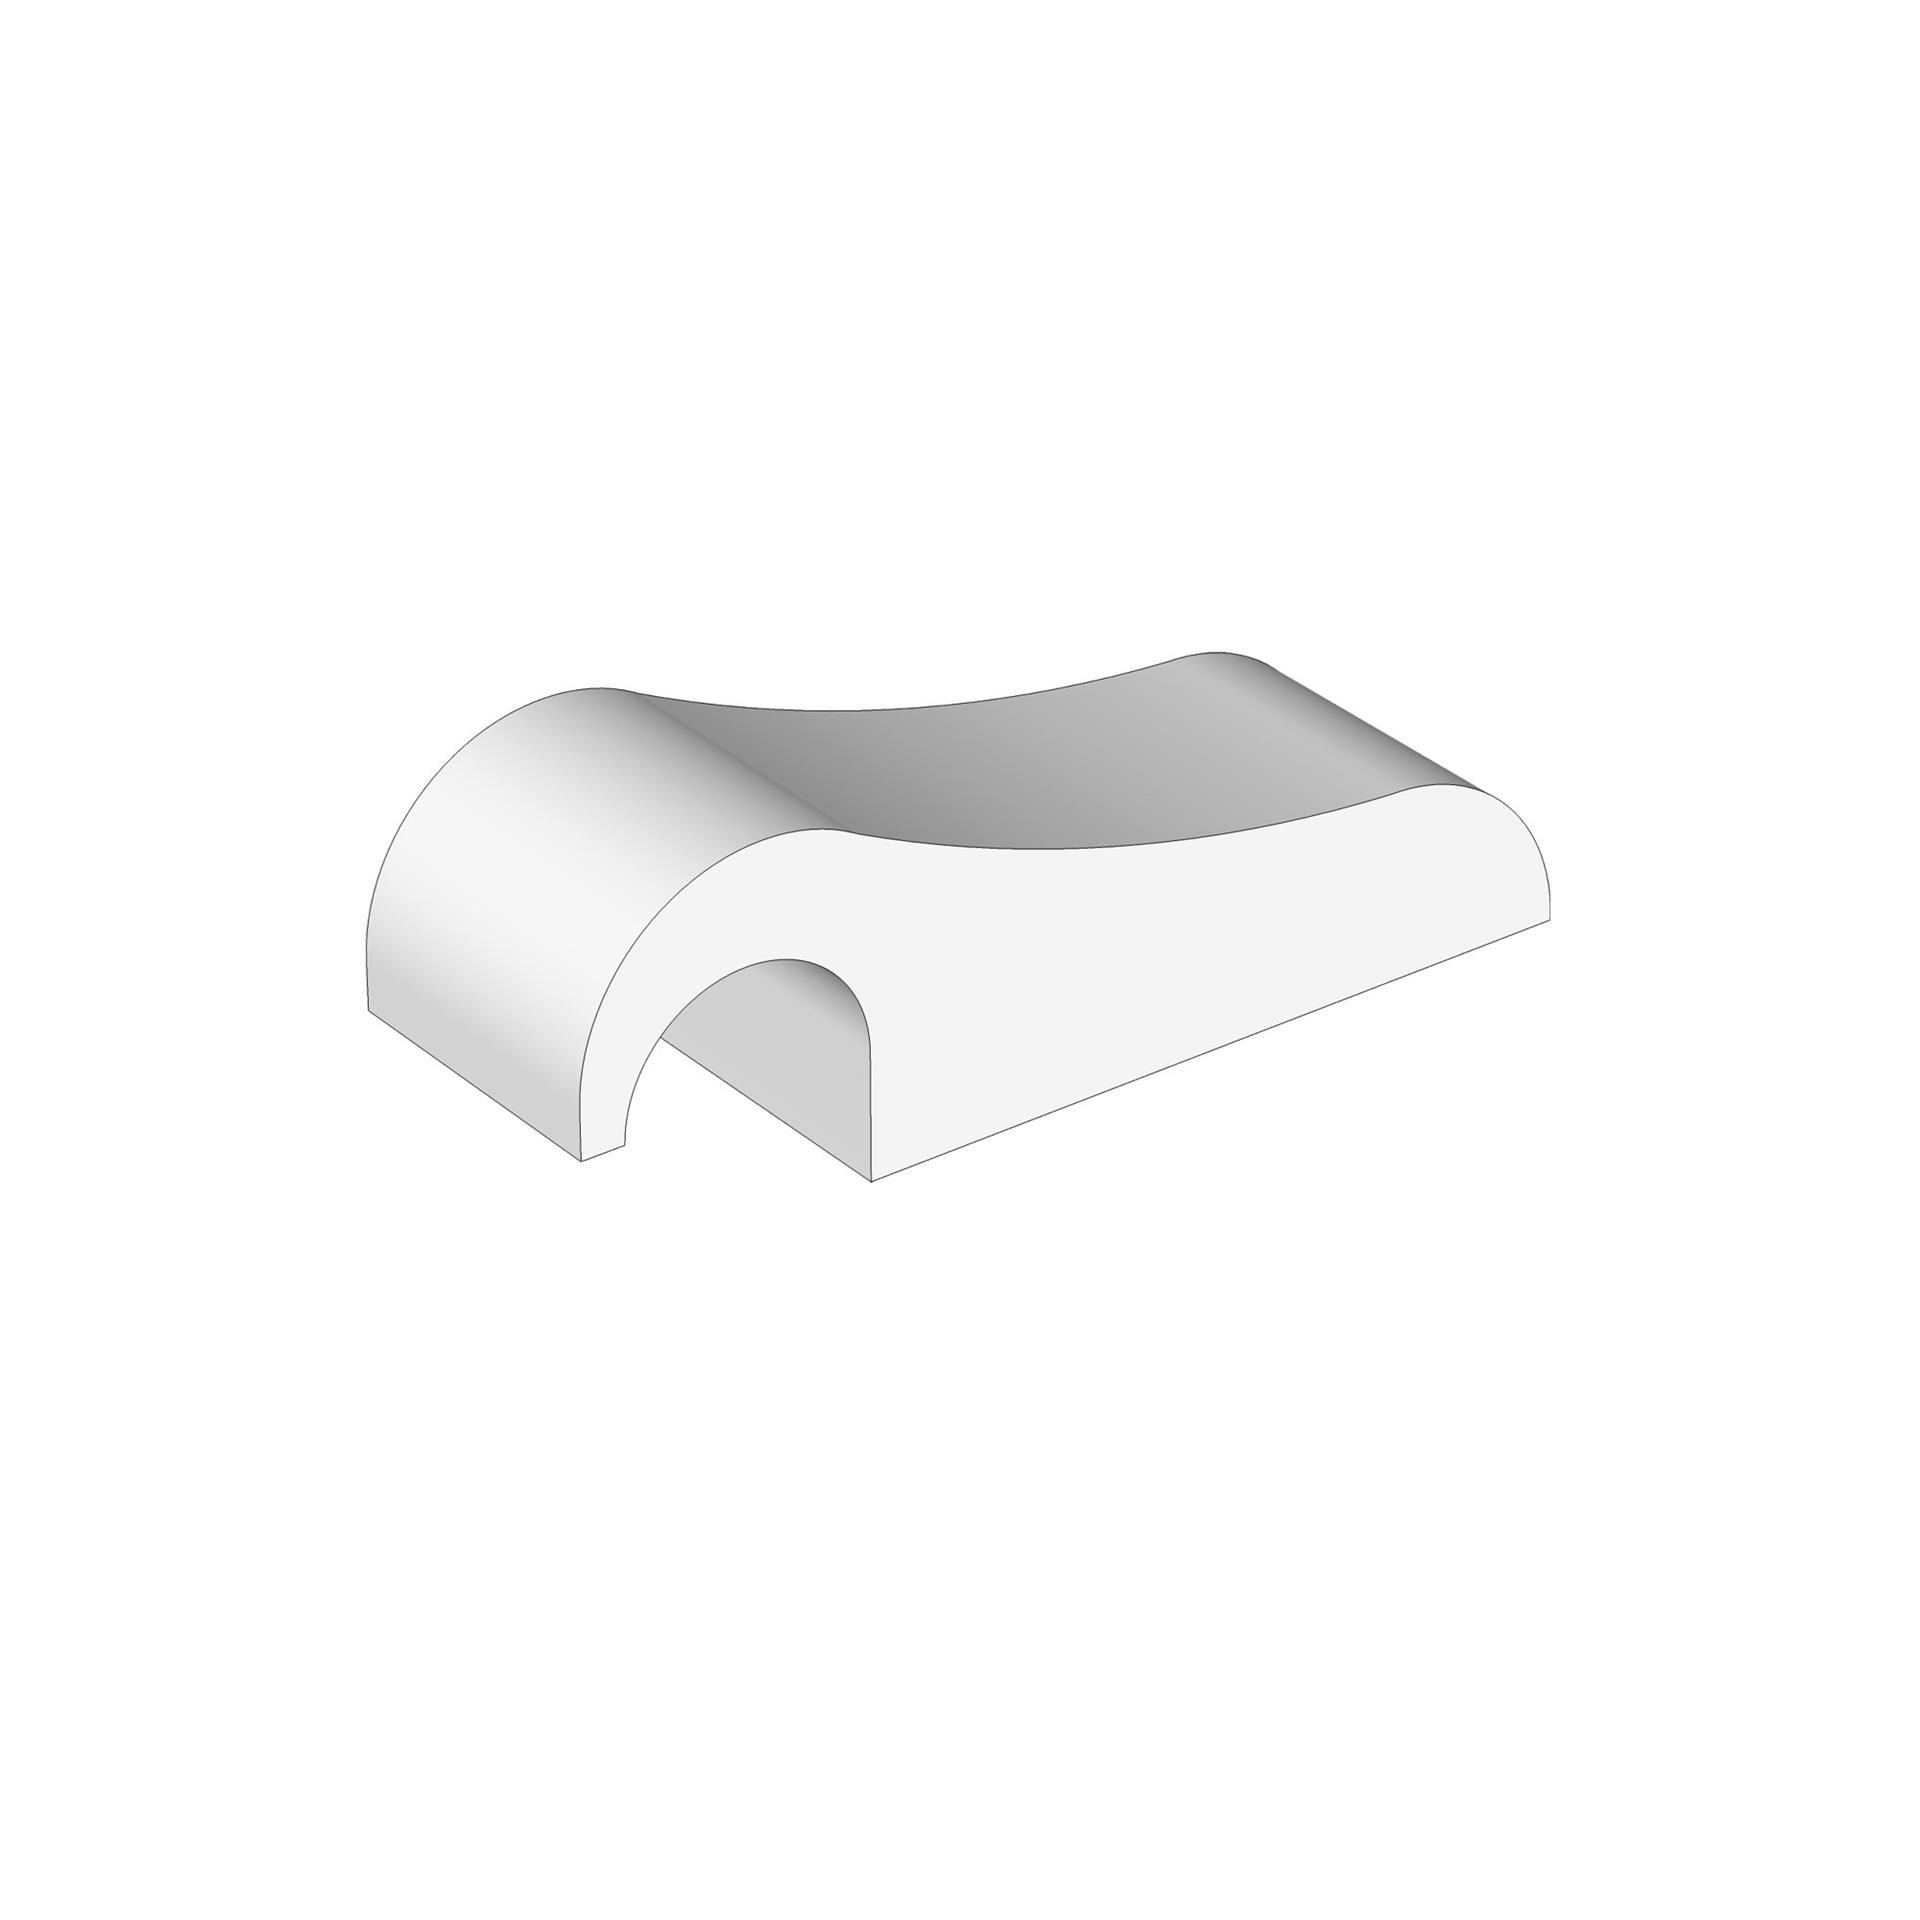 verschlussklemme f r verschlussgitter kernbuche ge lt kernbuche ge lt verschlussgitter. Black Bedroom Furniture Sets. Home Design Ideas